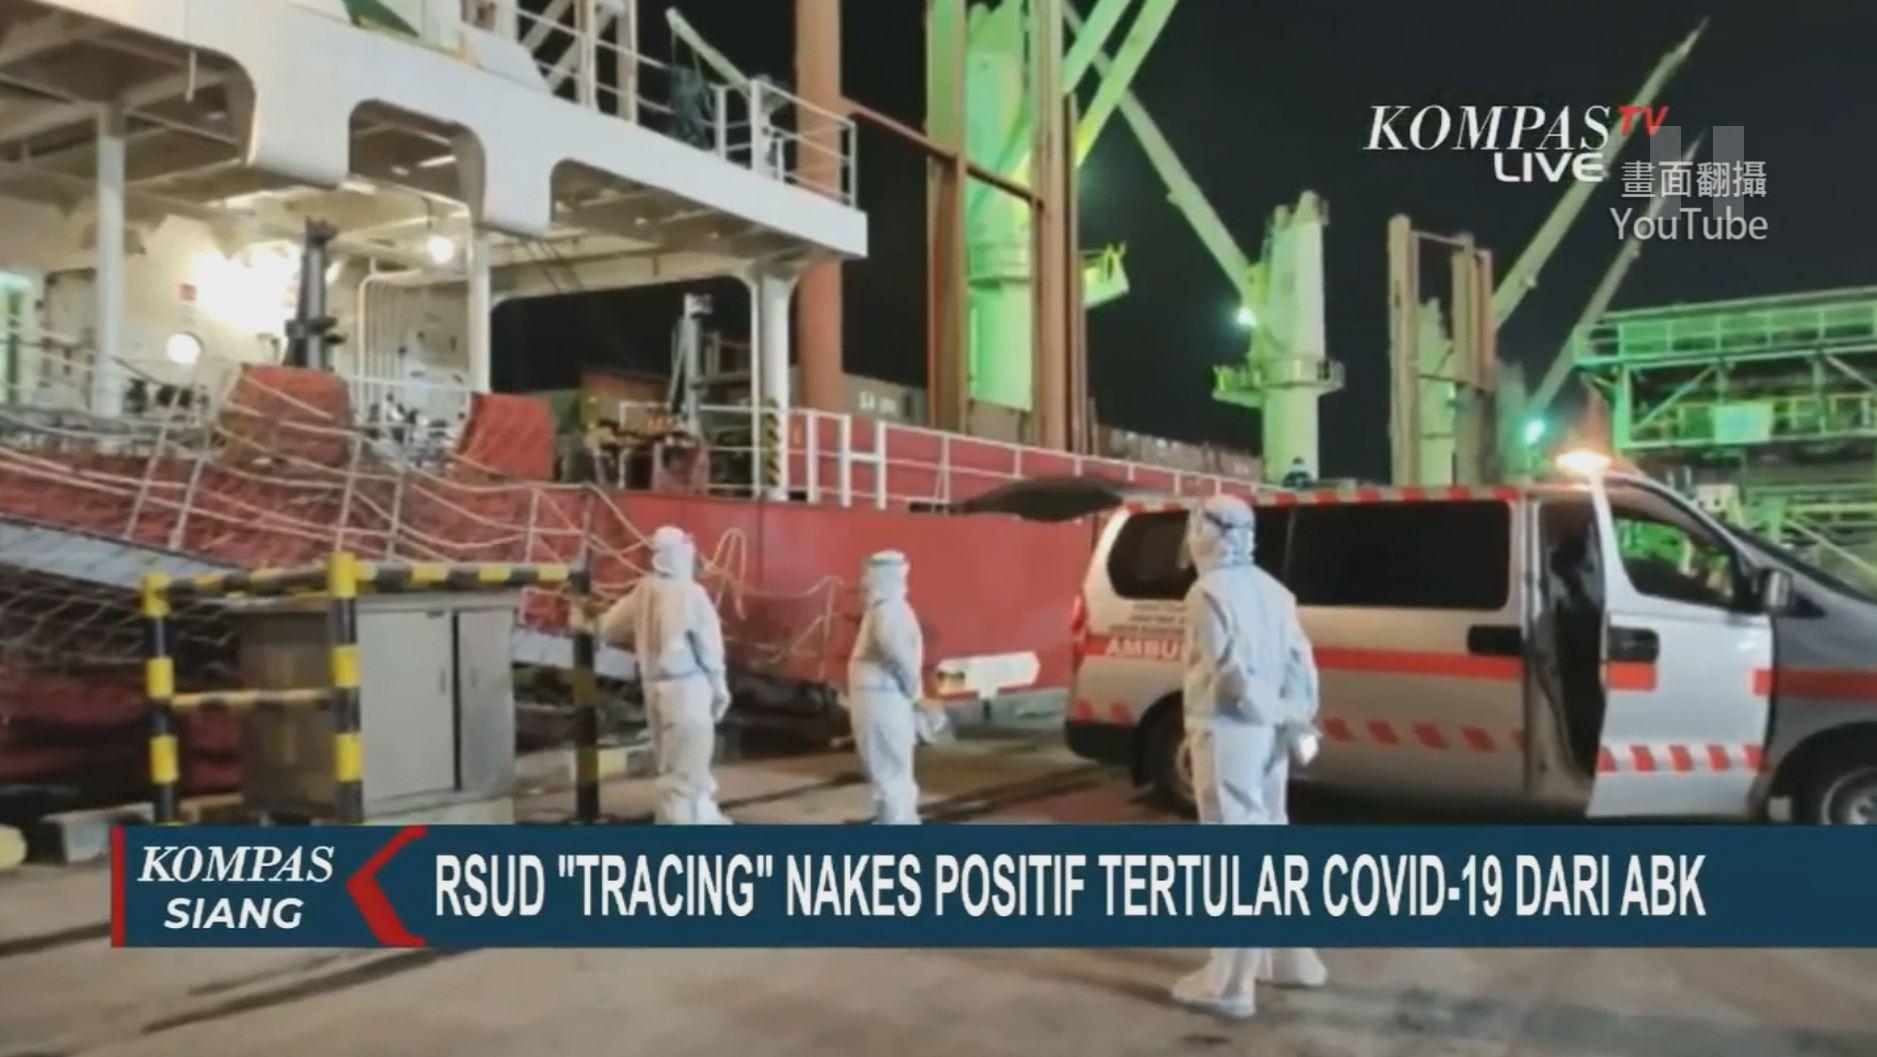 曾停靠印度! 印尼貨船13船員染疫「傳42醫護」